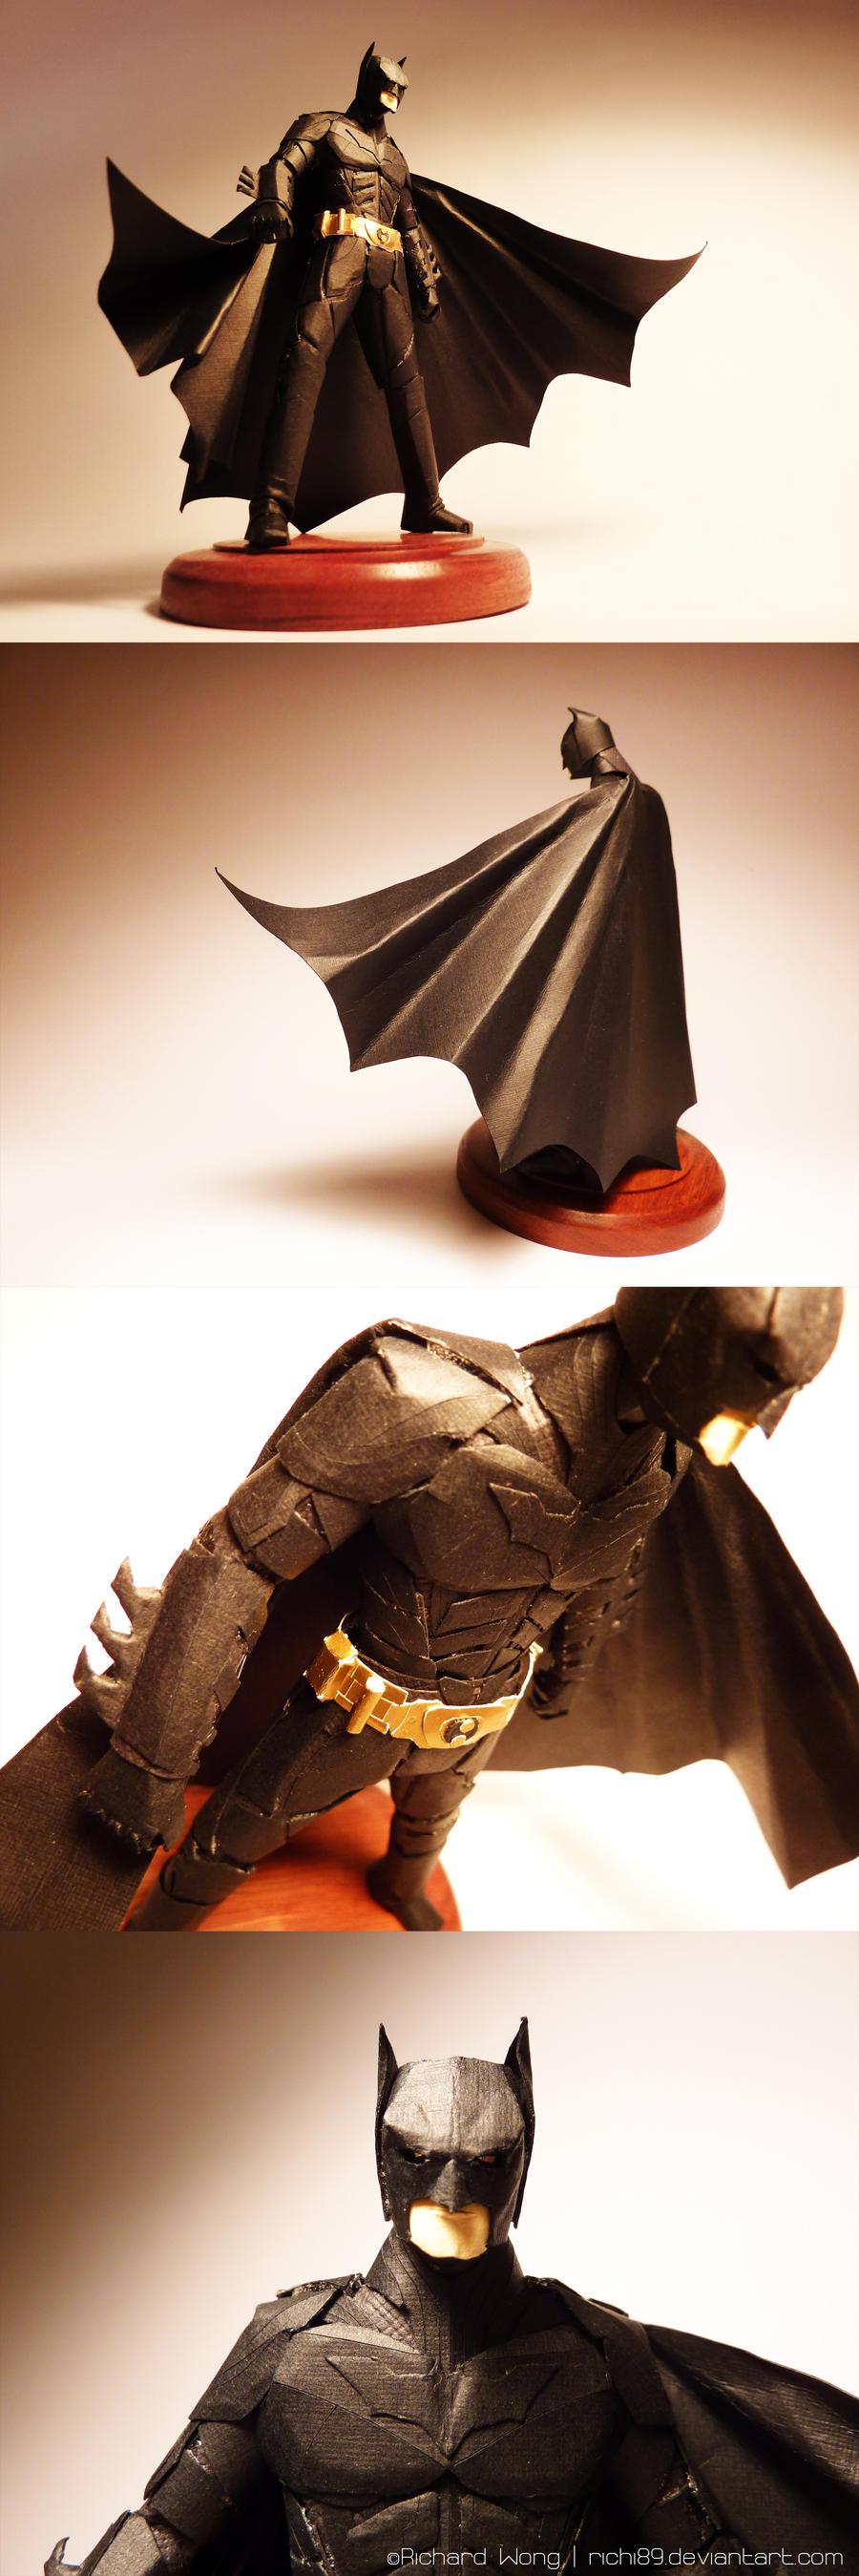 Batman Paper Sculpture